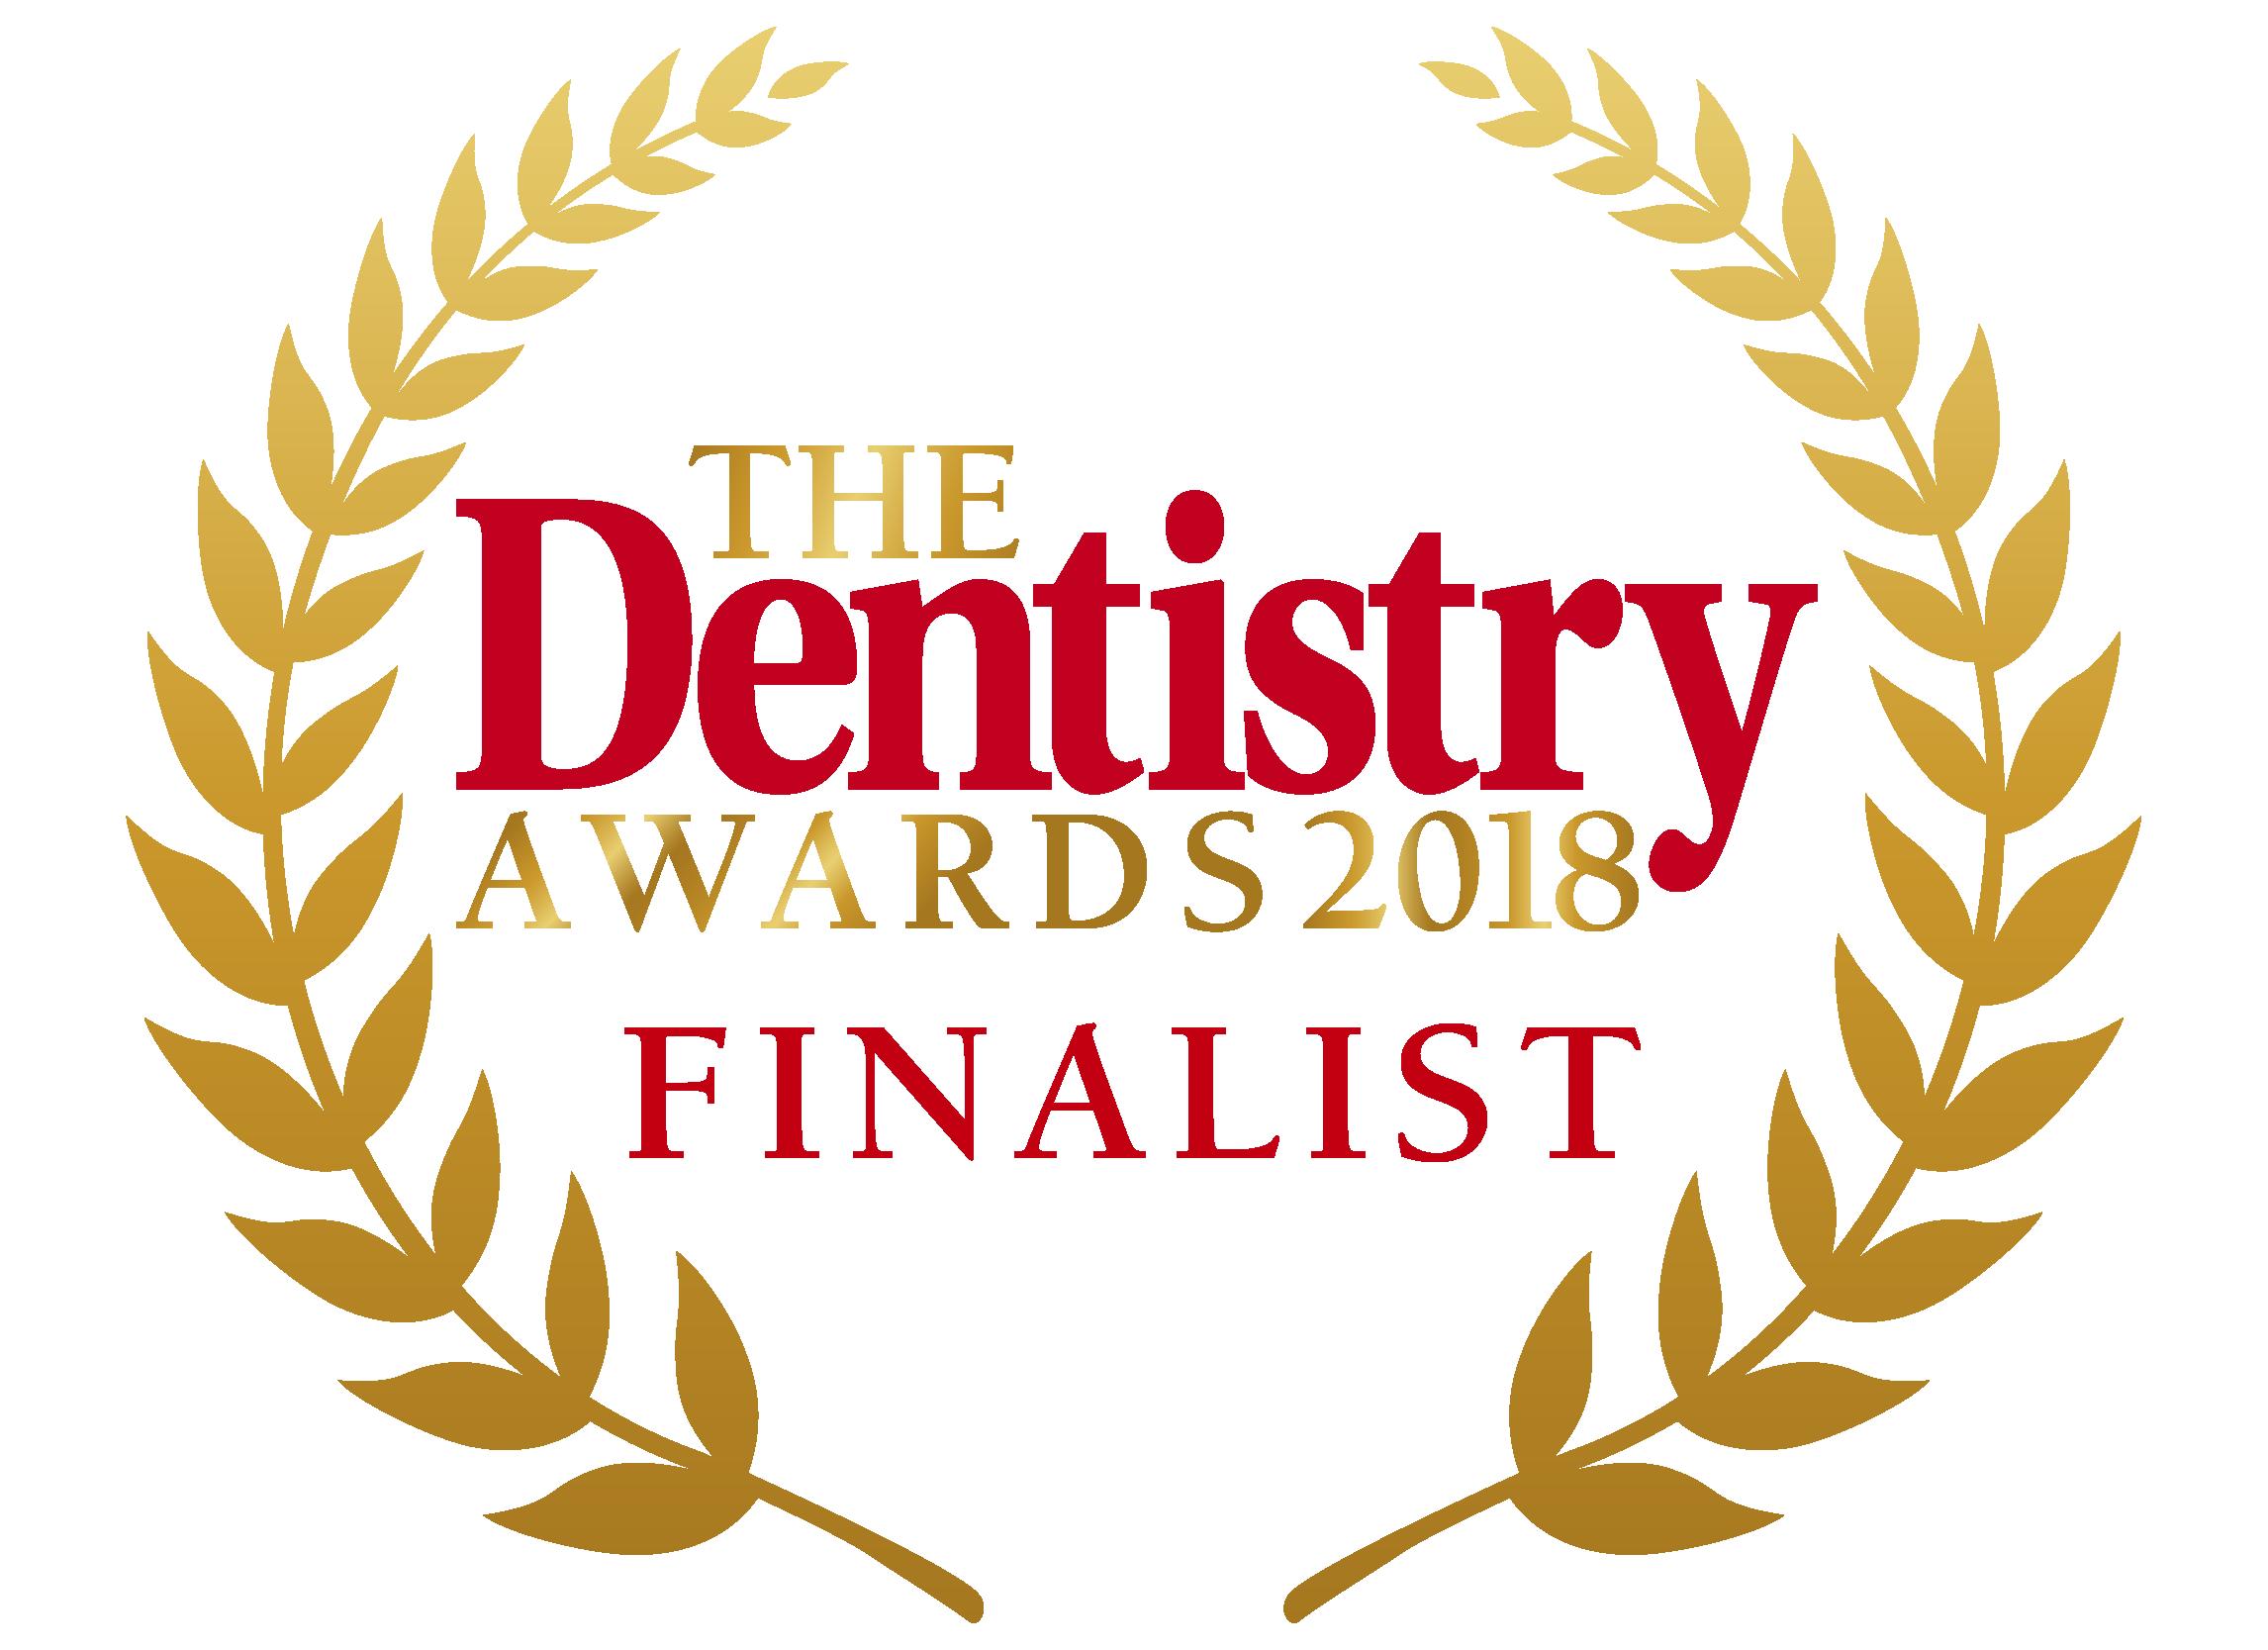 Dentistry awards 2018 finalist